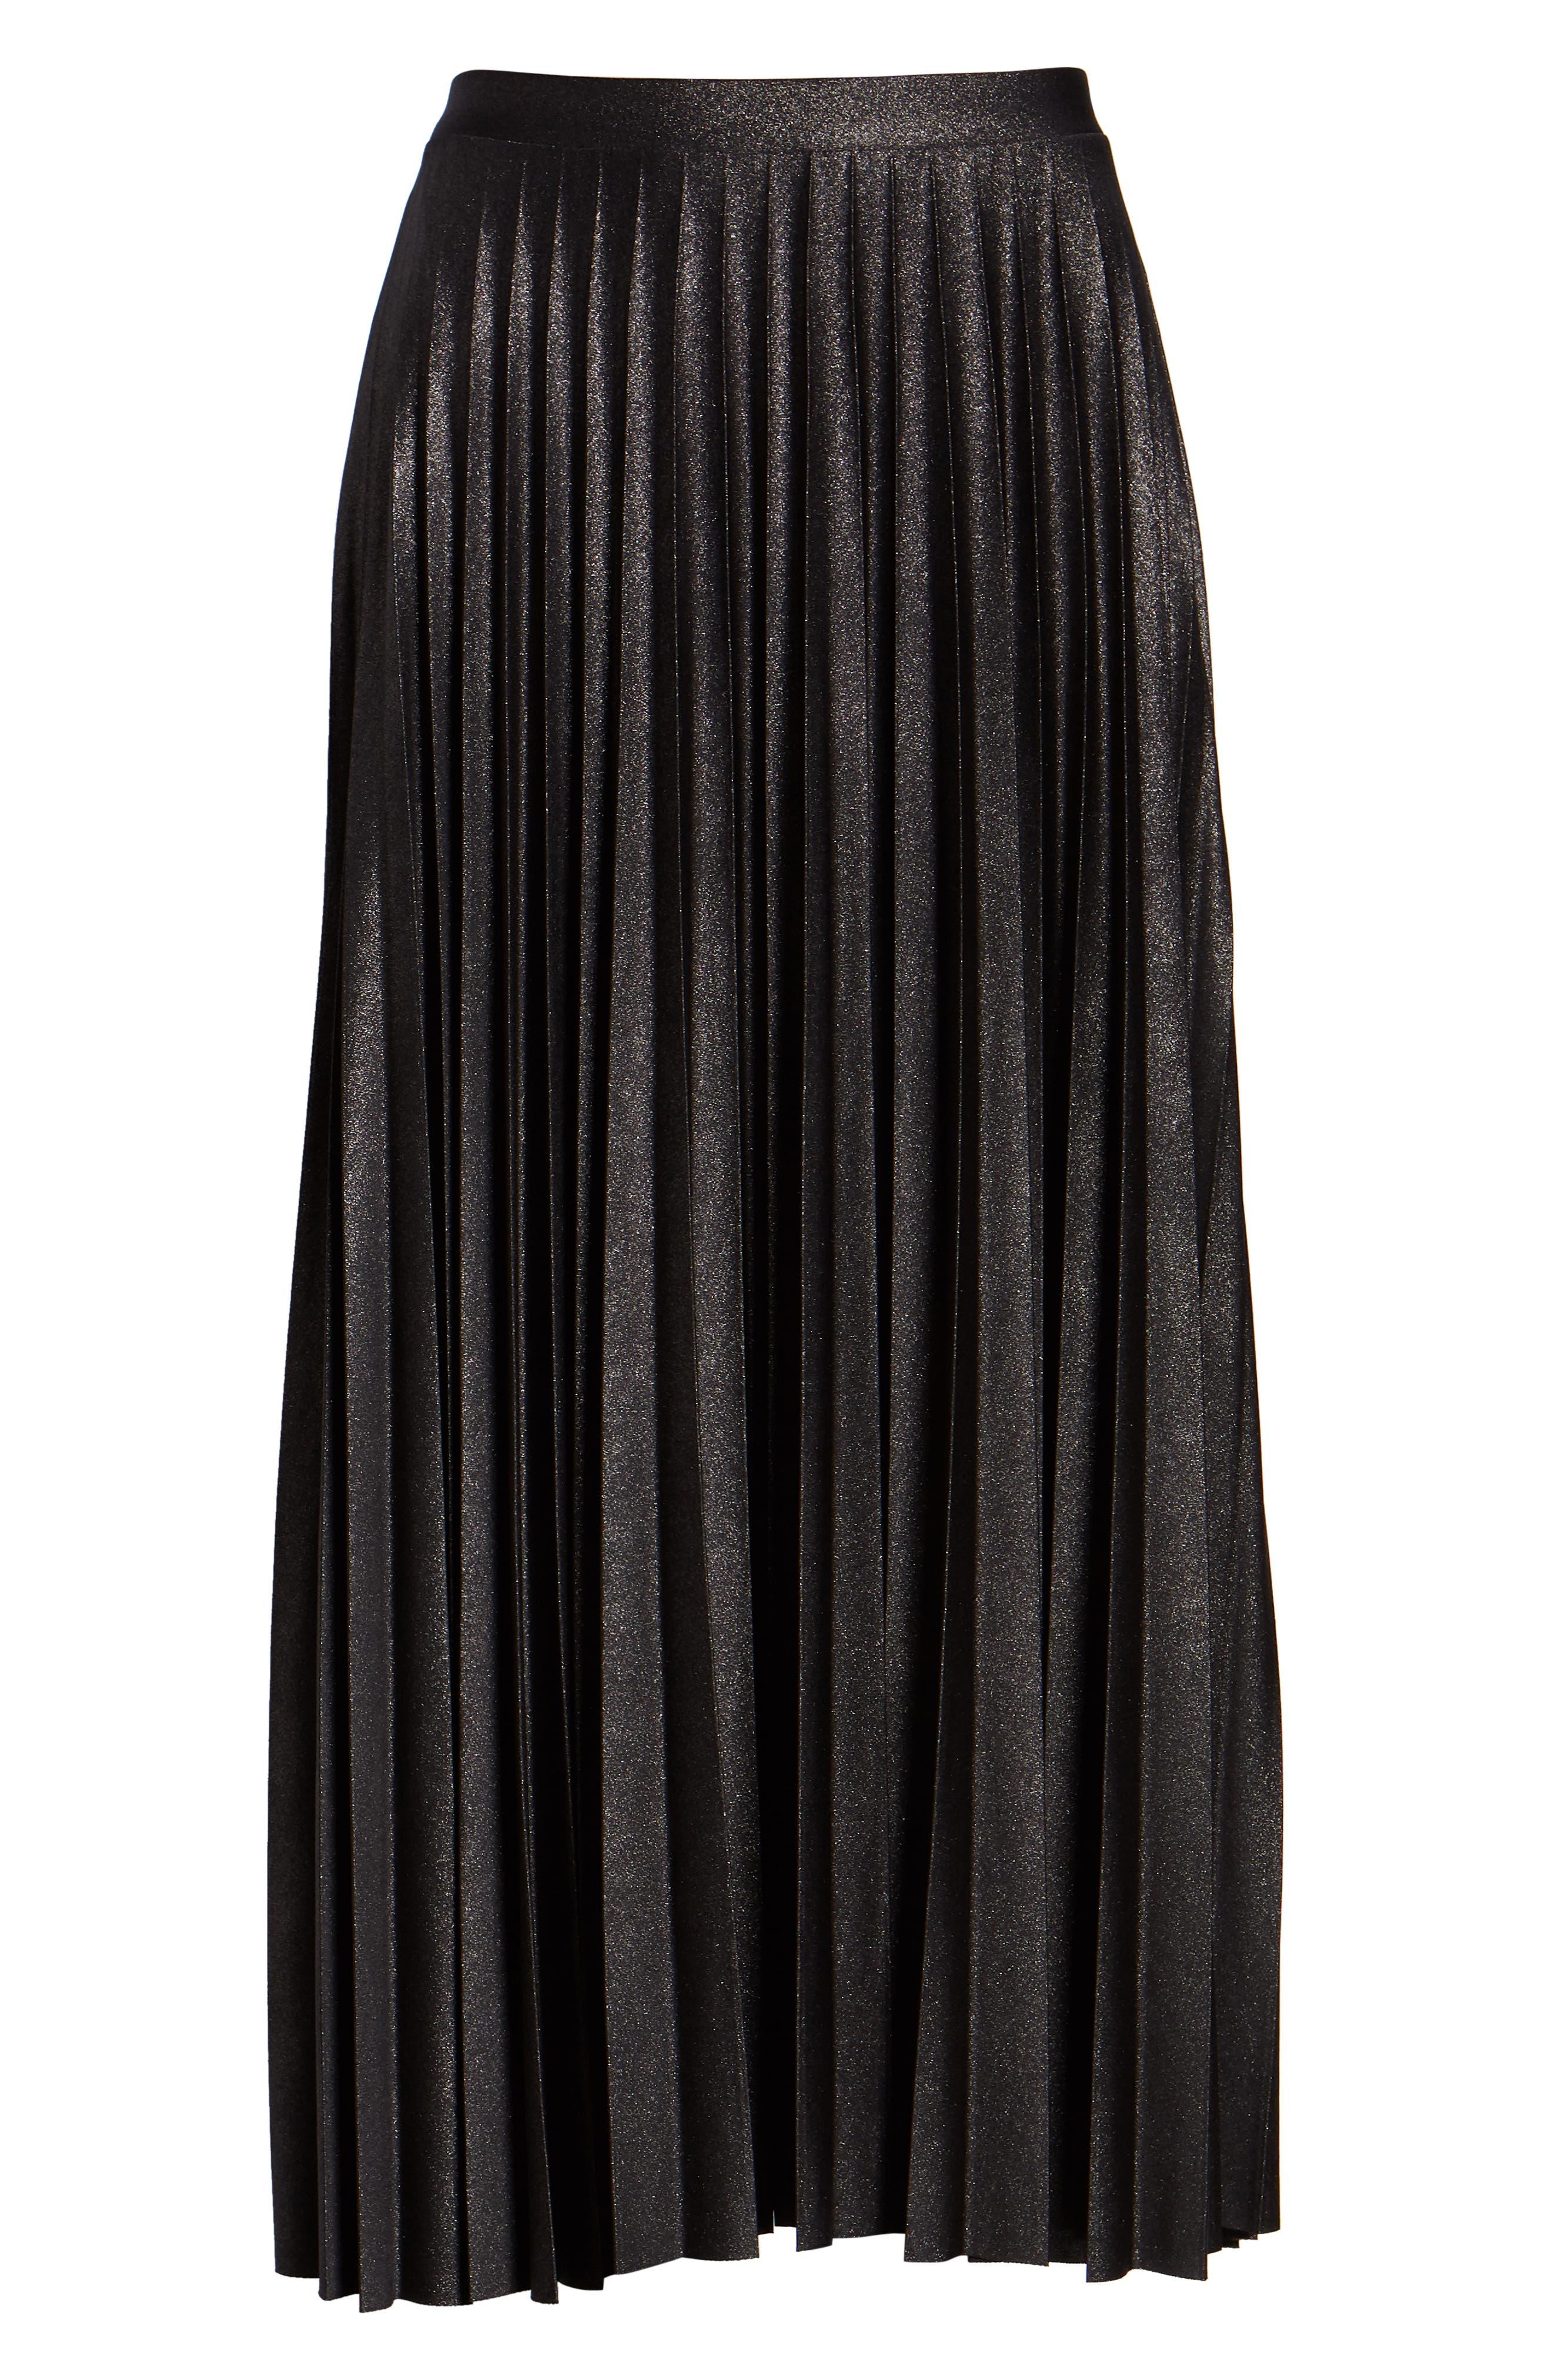 Metallic Pleat Midi Skirt,                             Alternate thumbnail 6, color,                             BLACK FOIL